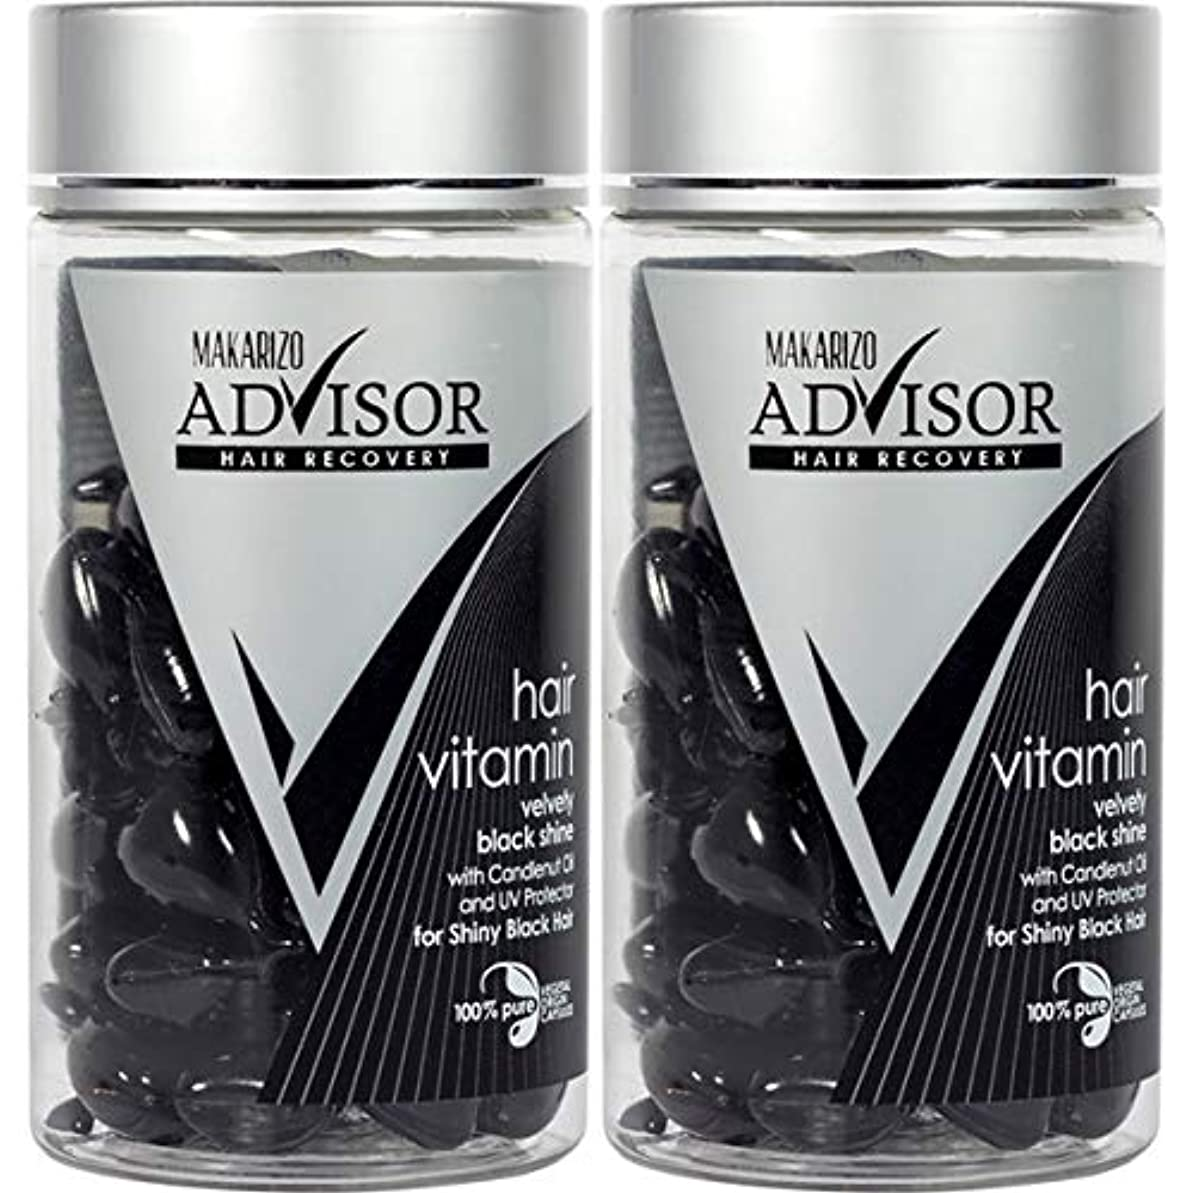 緩やかなペイント嵐MAKARIZO マカリゾ Advisor アドバイザー Hair Vitamin ヘアビタミン 50粒入ボトル×2個セット Velvety Black Shine ブラック [海外直送品]